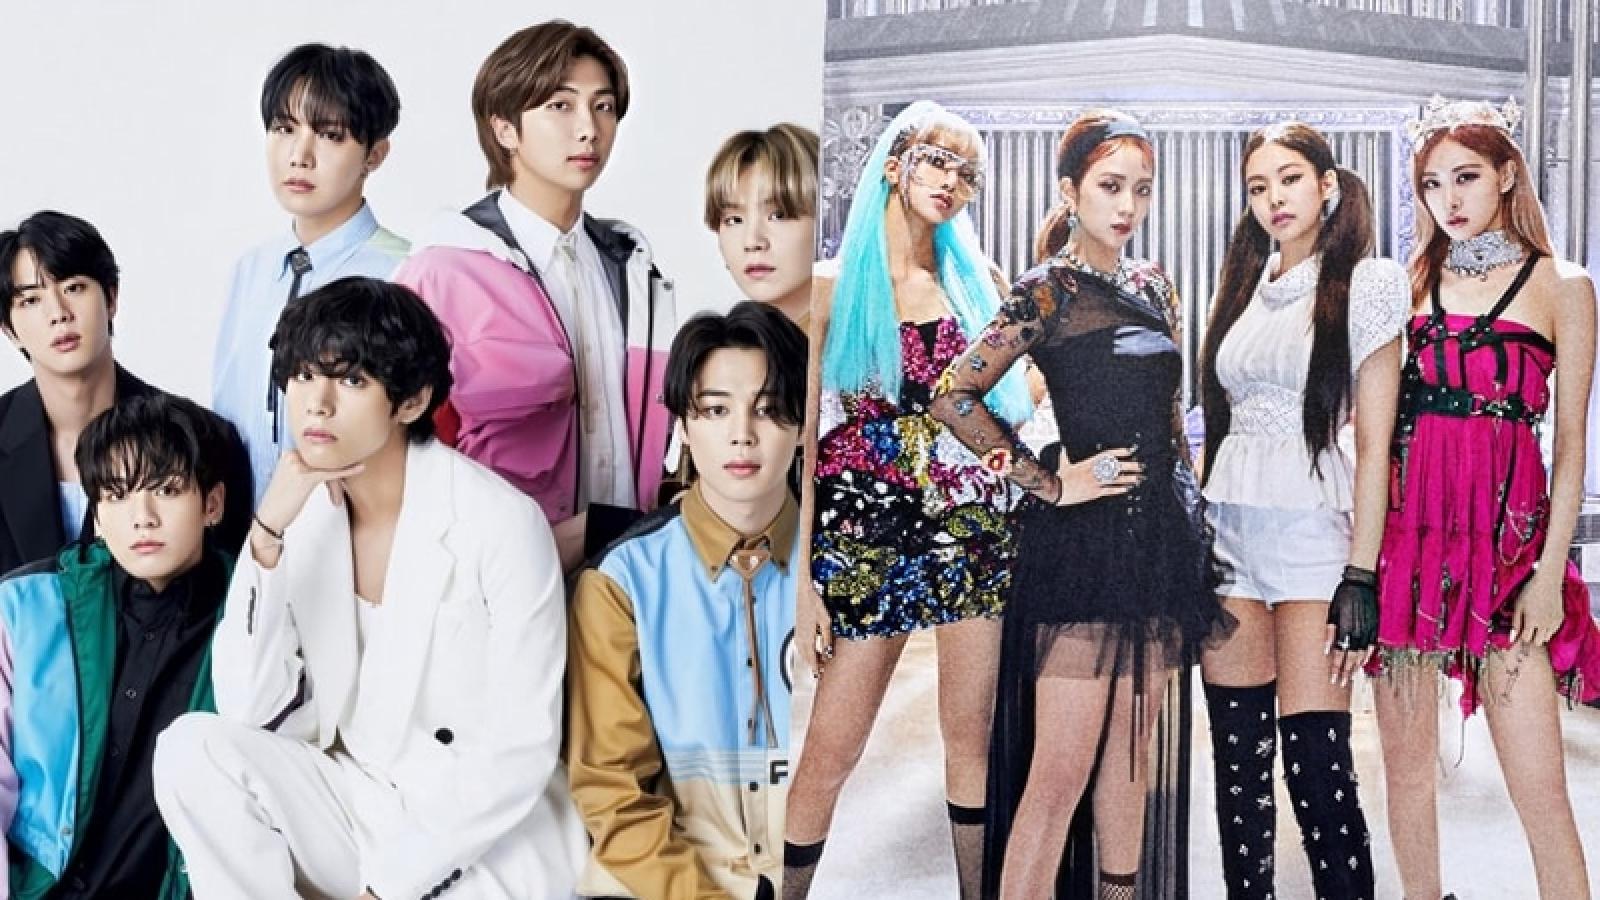 """Vì sao BTS, BLACKPINK và dàn sao châu Á là """"viên ngọc quý"""" của thời trang xa xỉ?"""